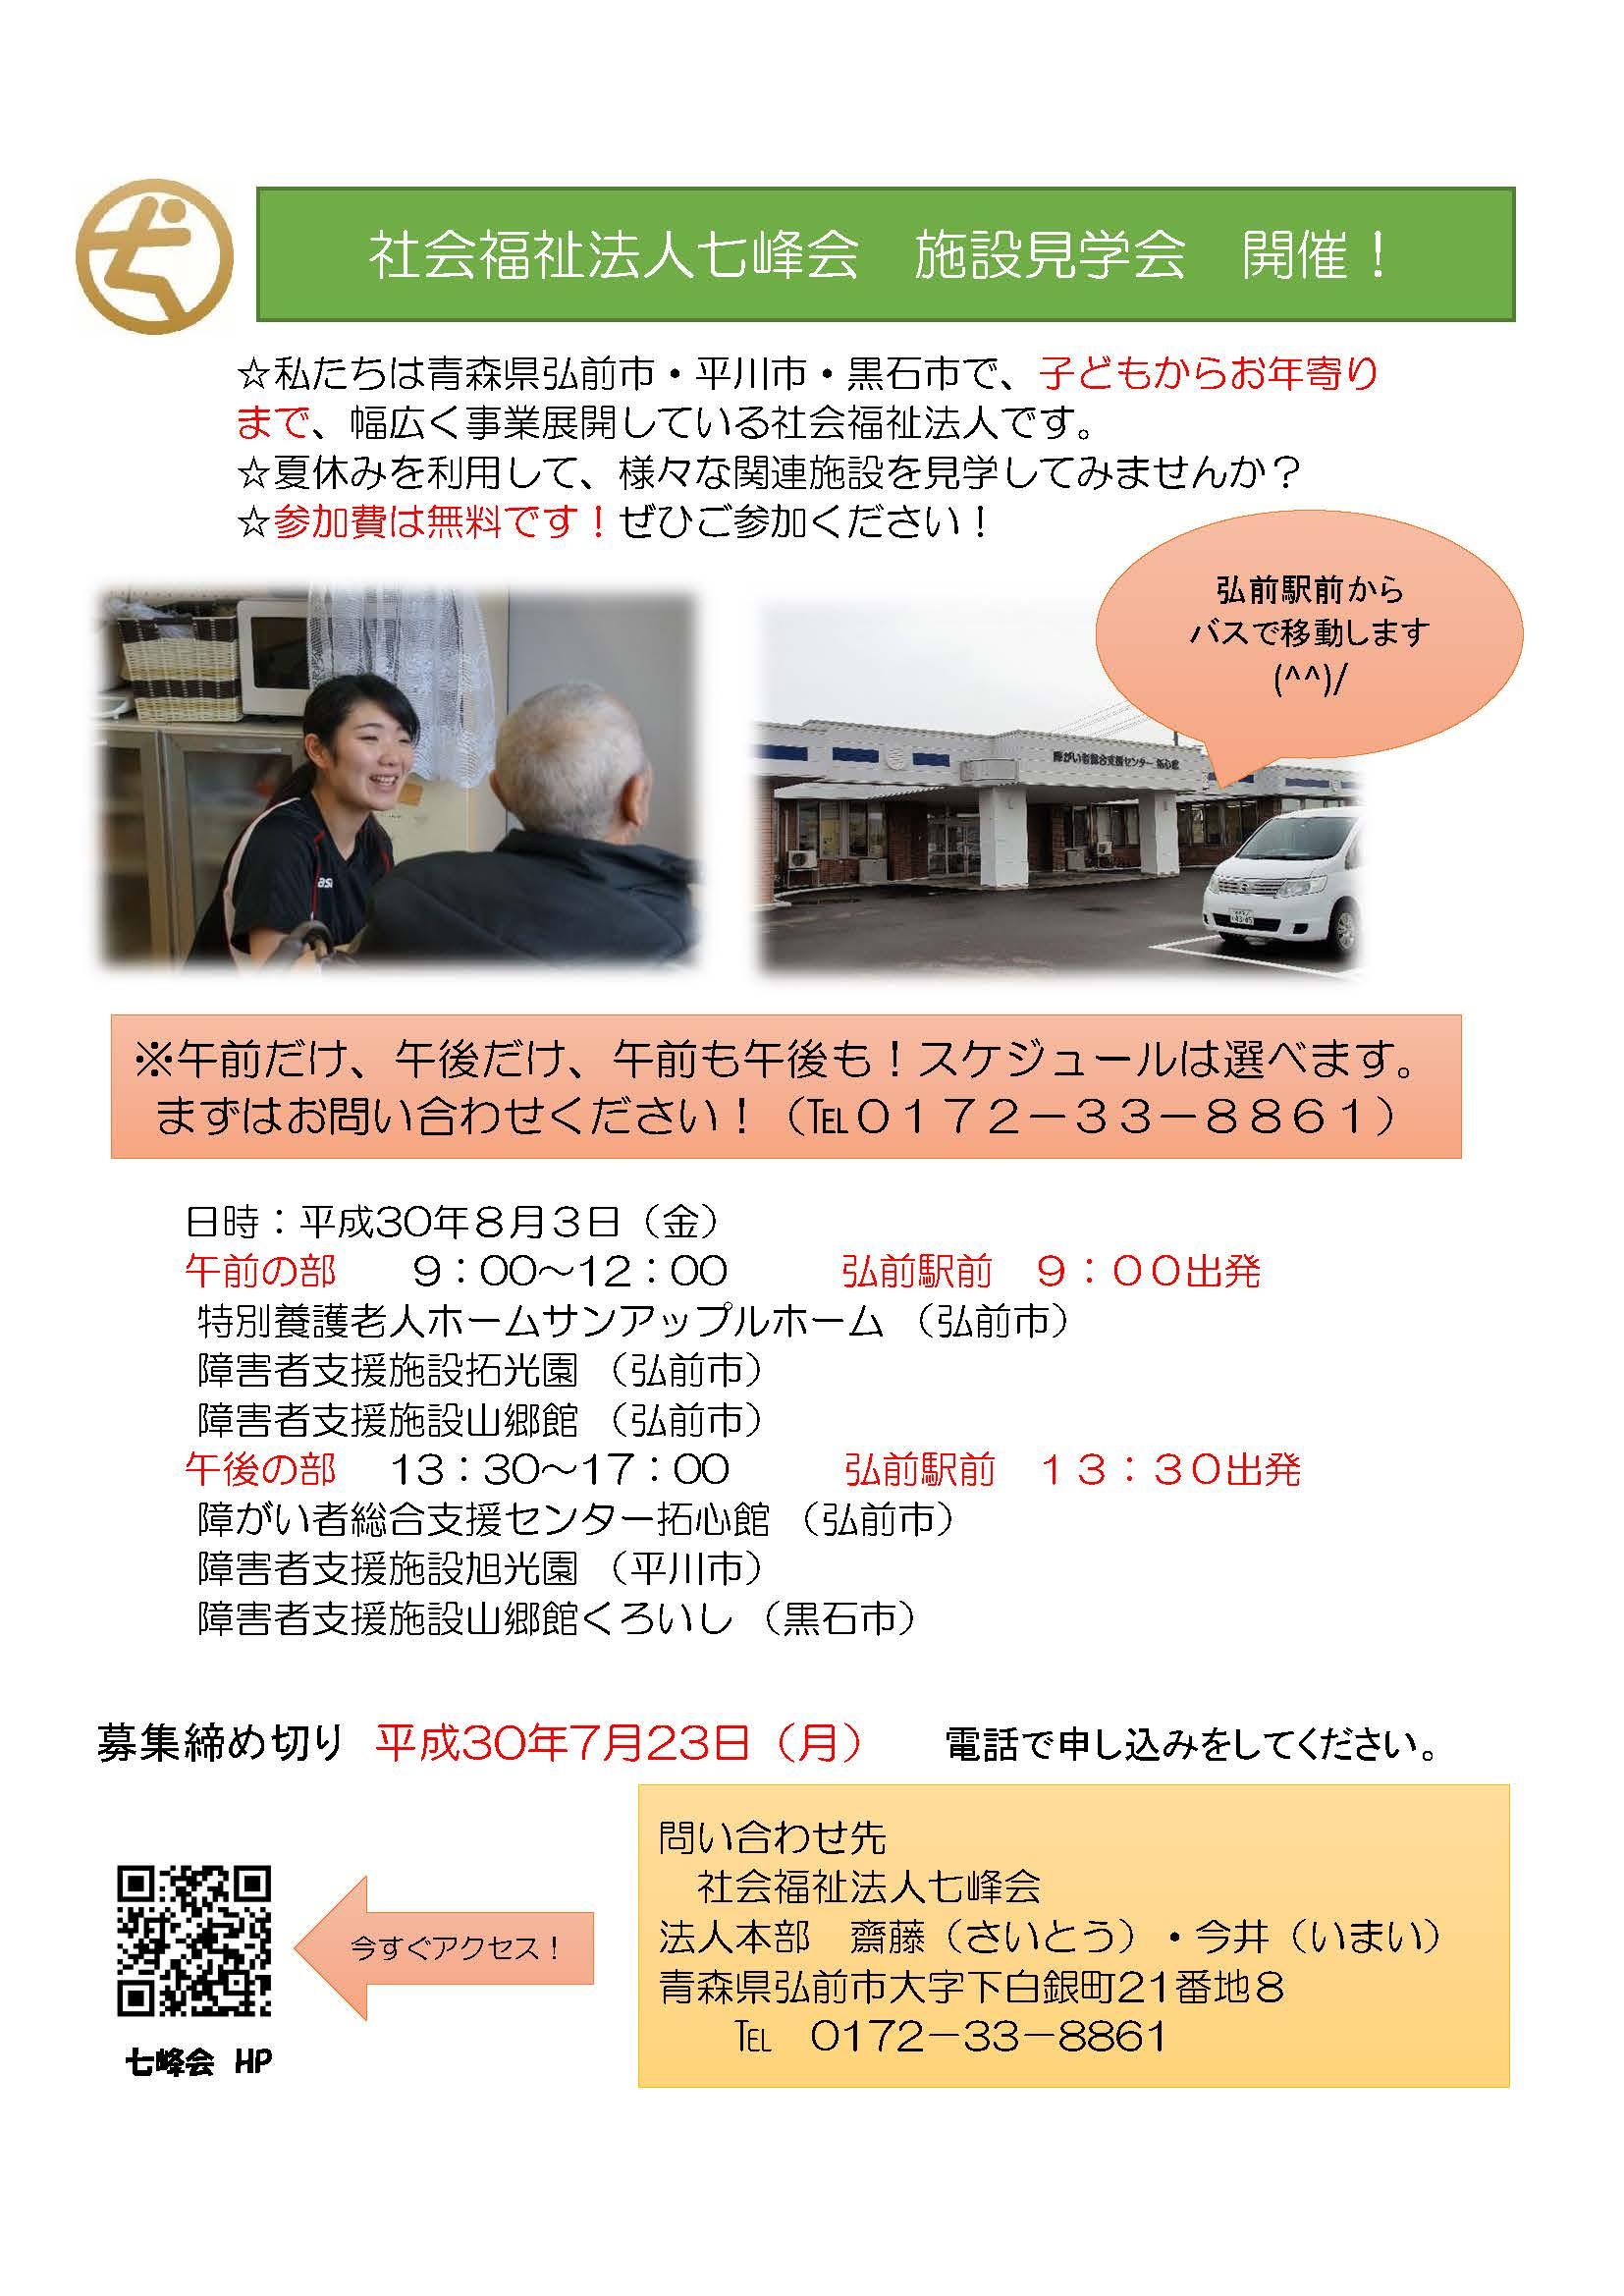 七峰会 施設見学会の開催